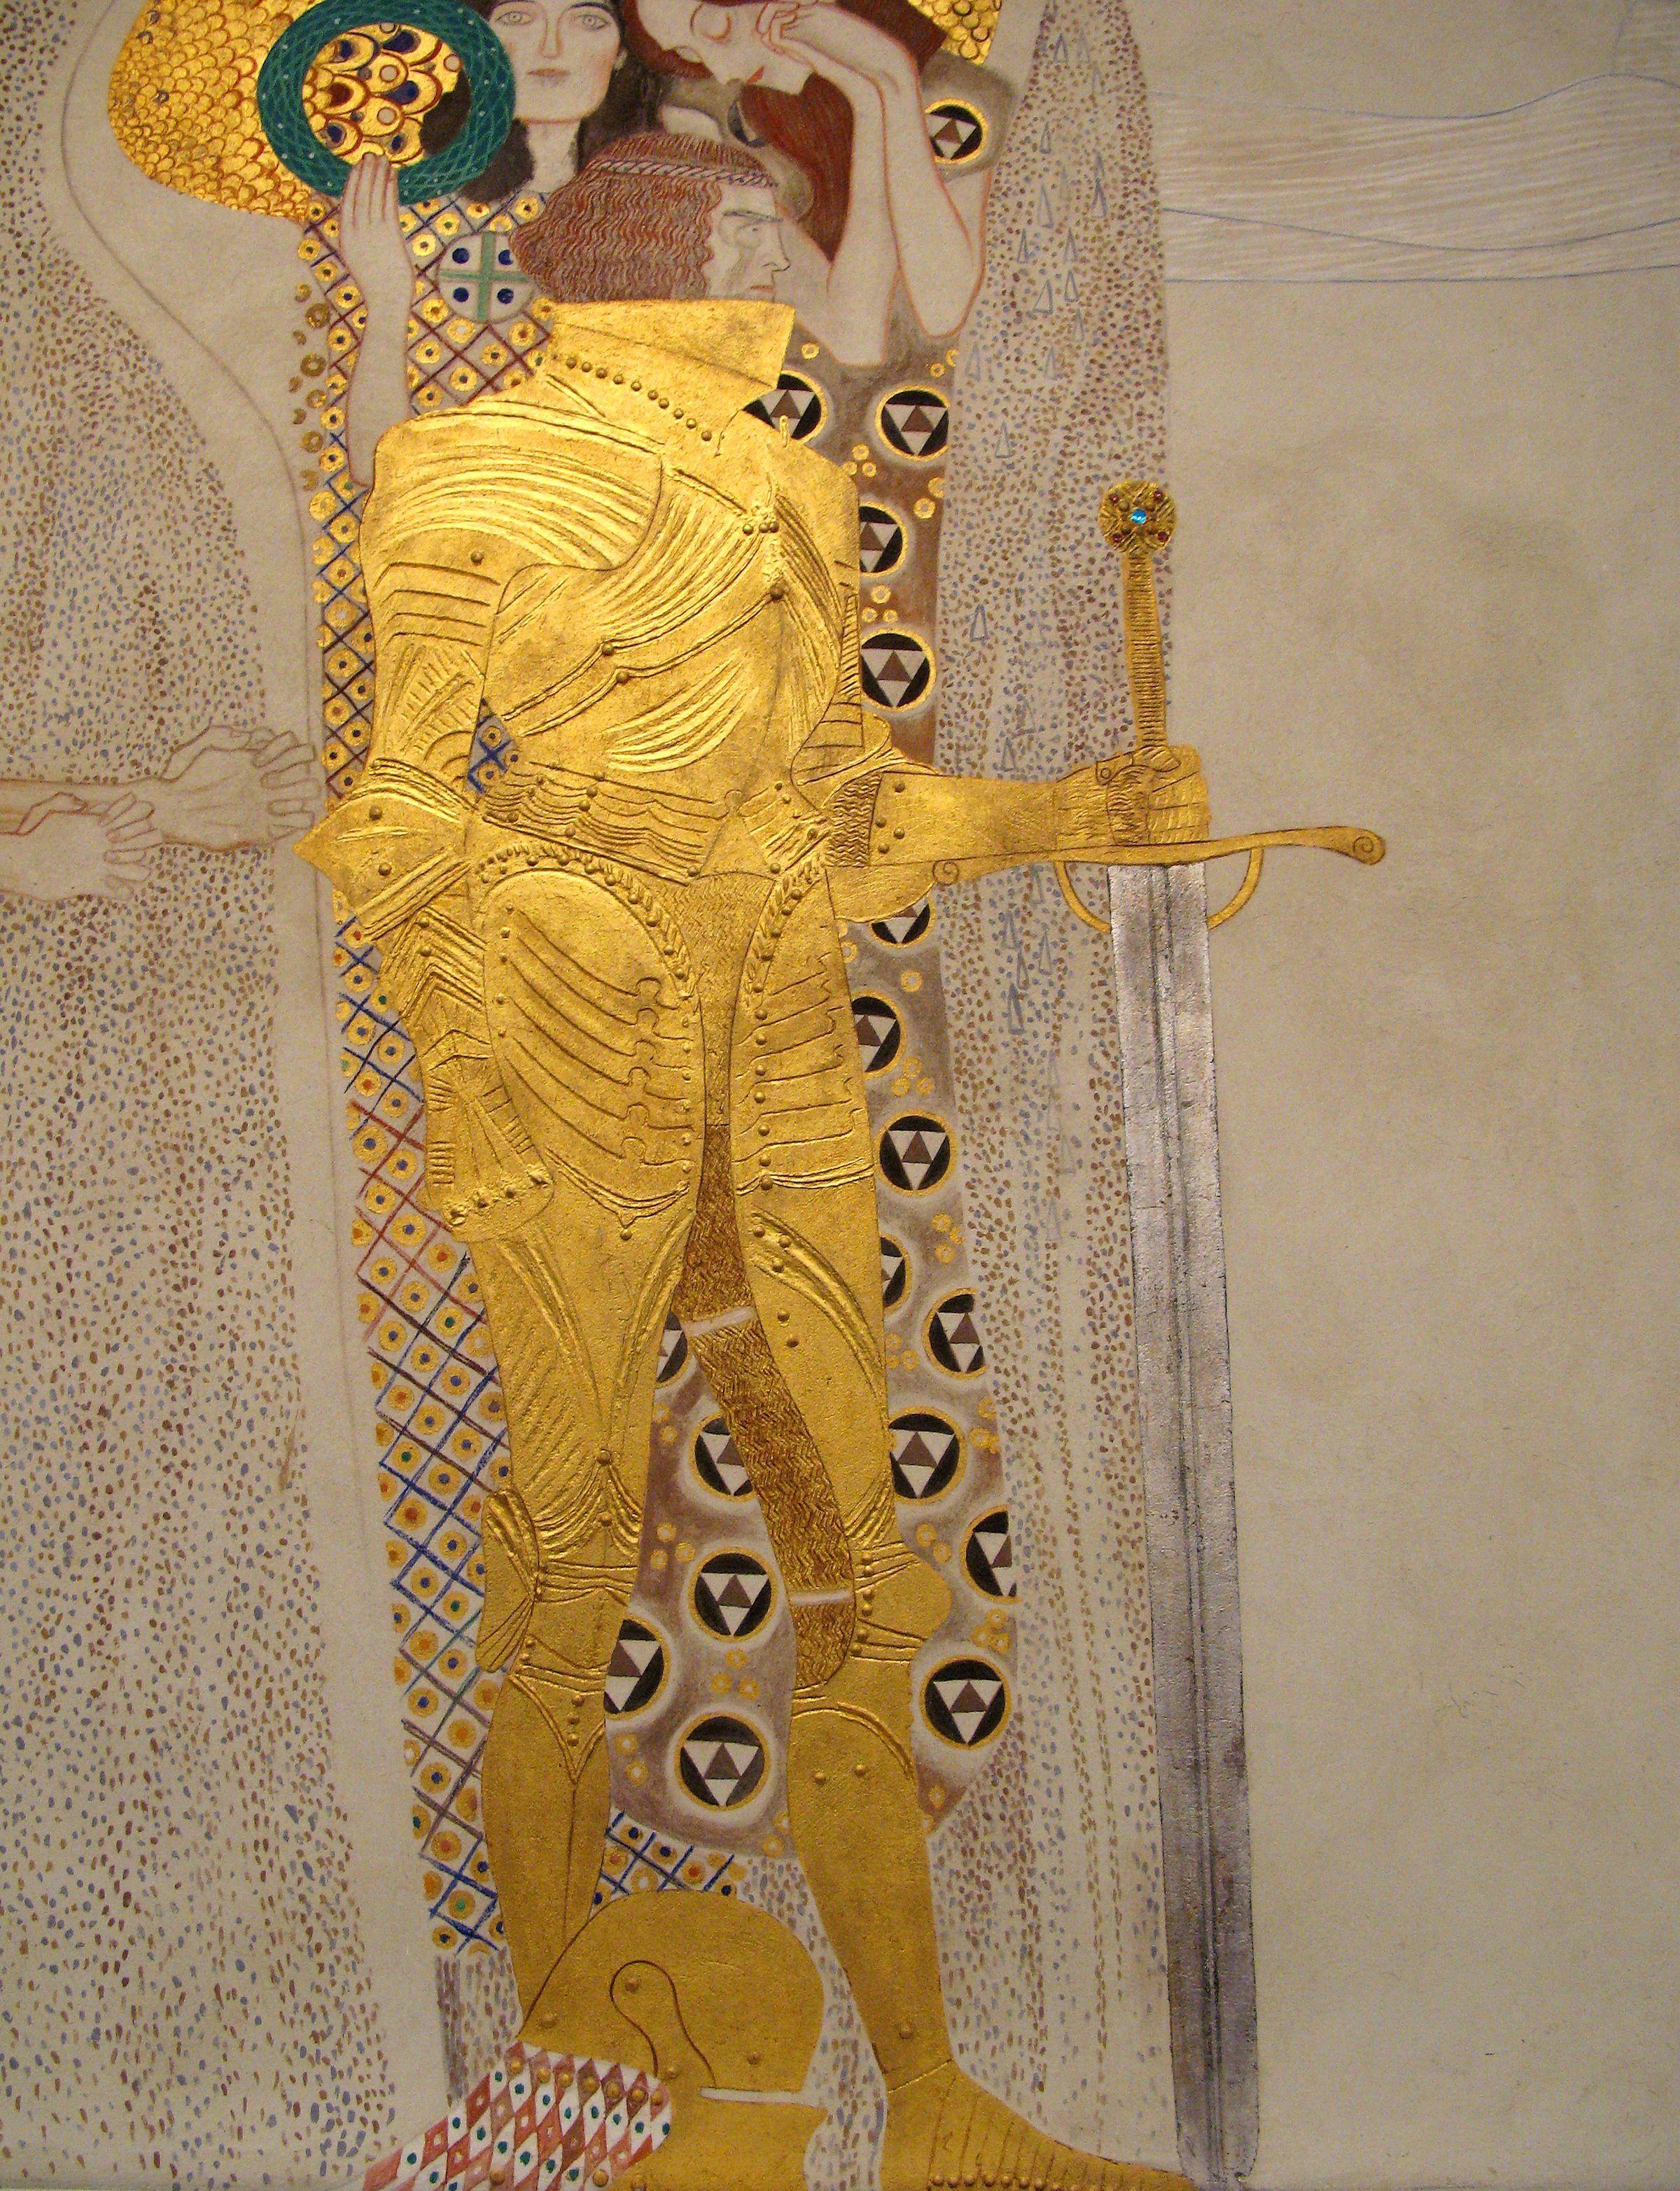 Gustav Klimt (1862-1918) - The Golden Knight, Detail from the ...